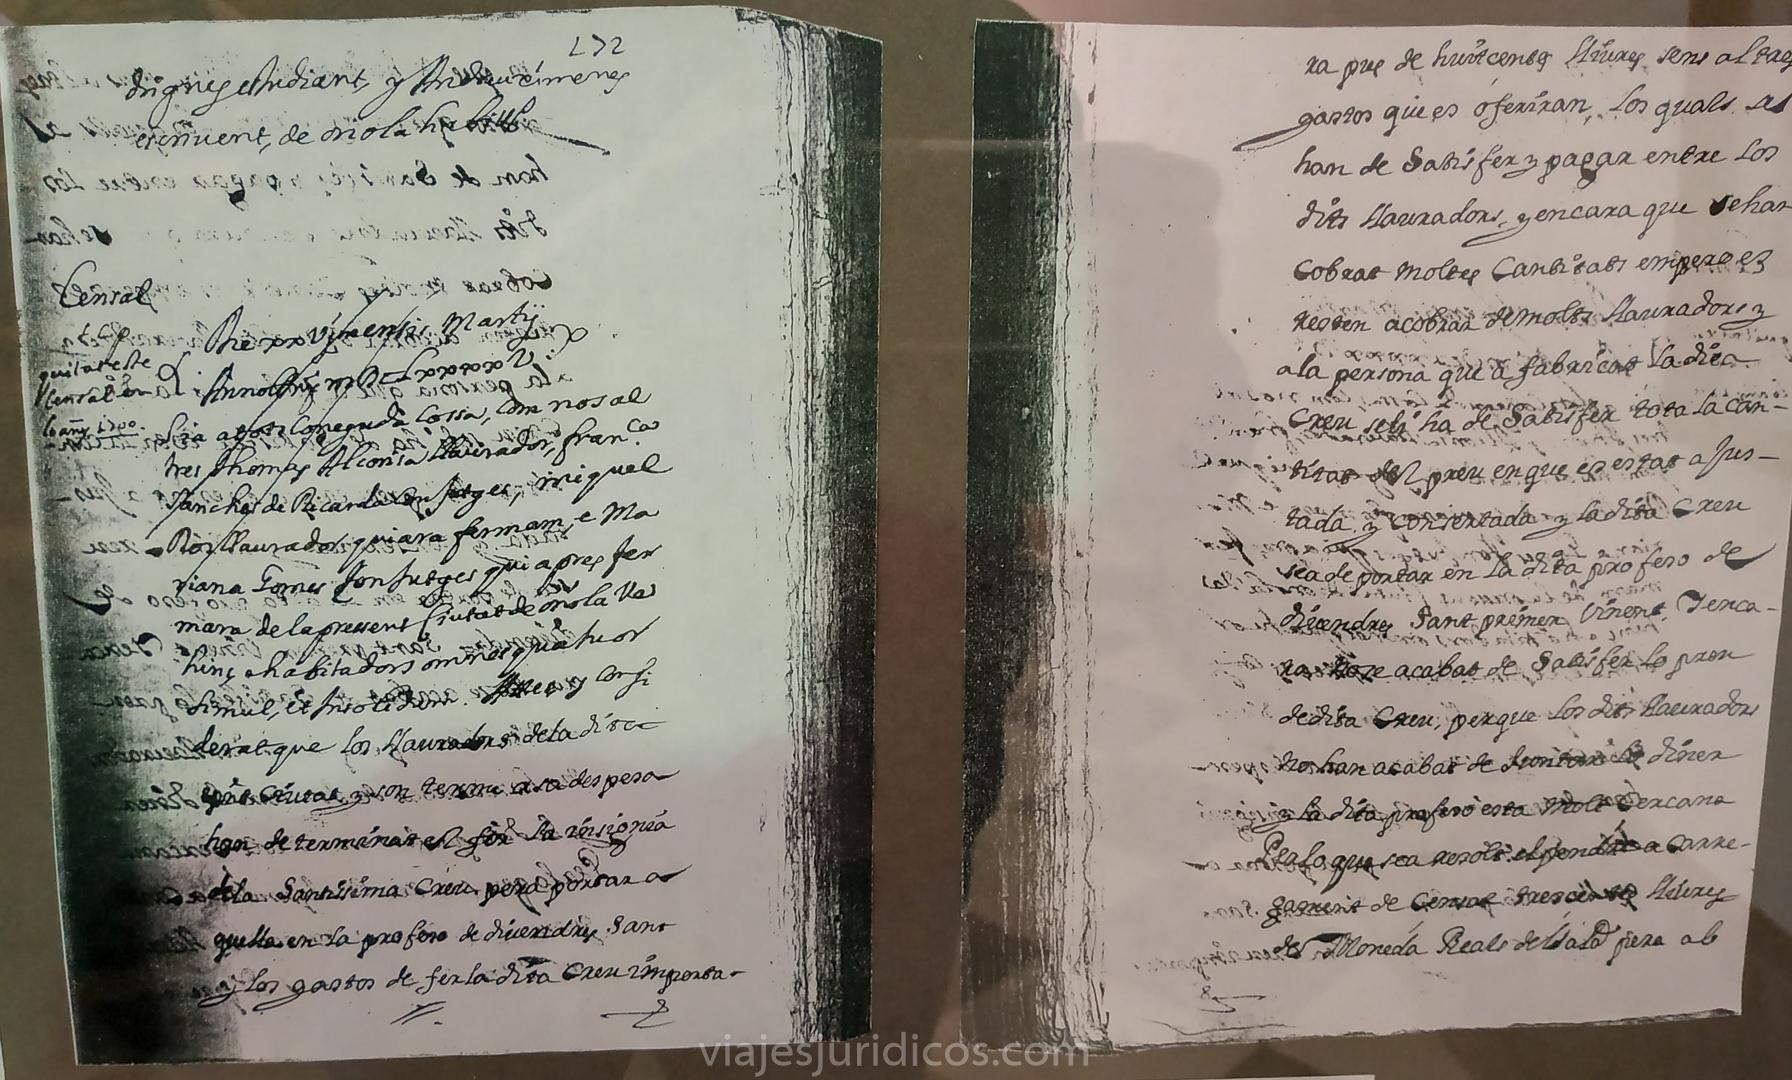 La escritura de cargamiento de censo para el pago de la Diablesa, protocolizada por el notario Andrés Ximénez A.C.O. año 1695, fols. 171r-171v.